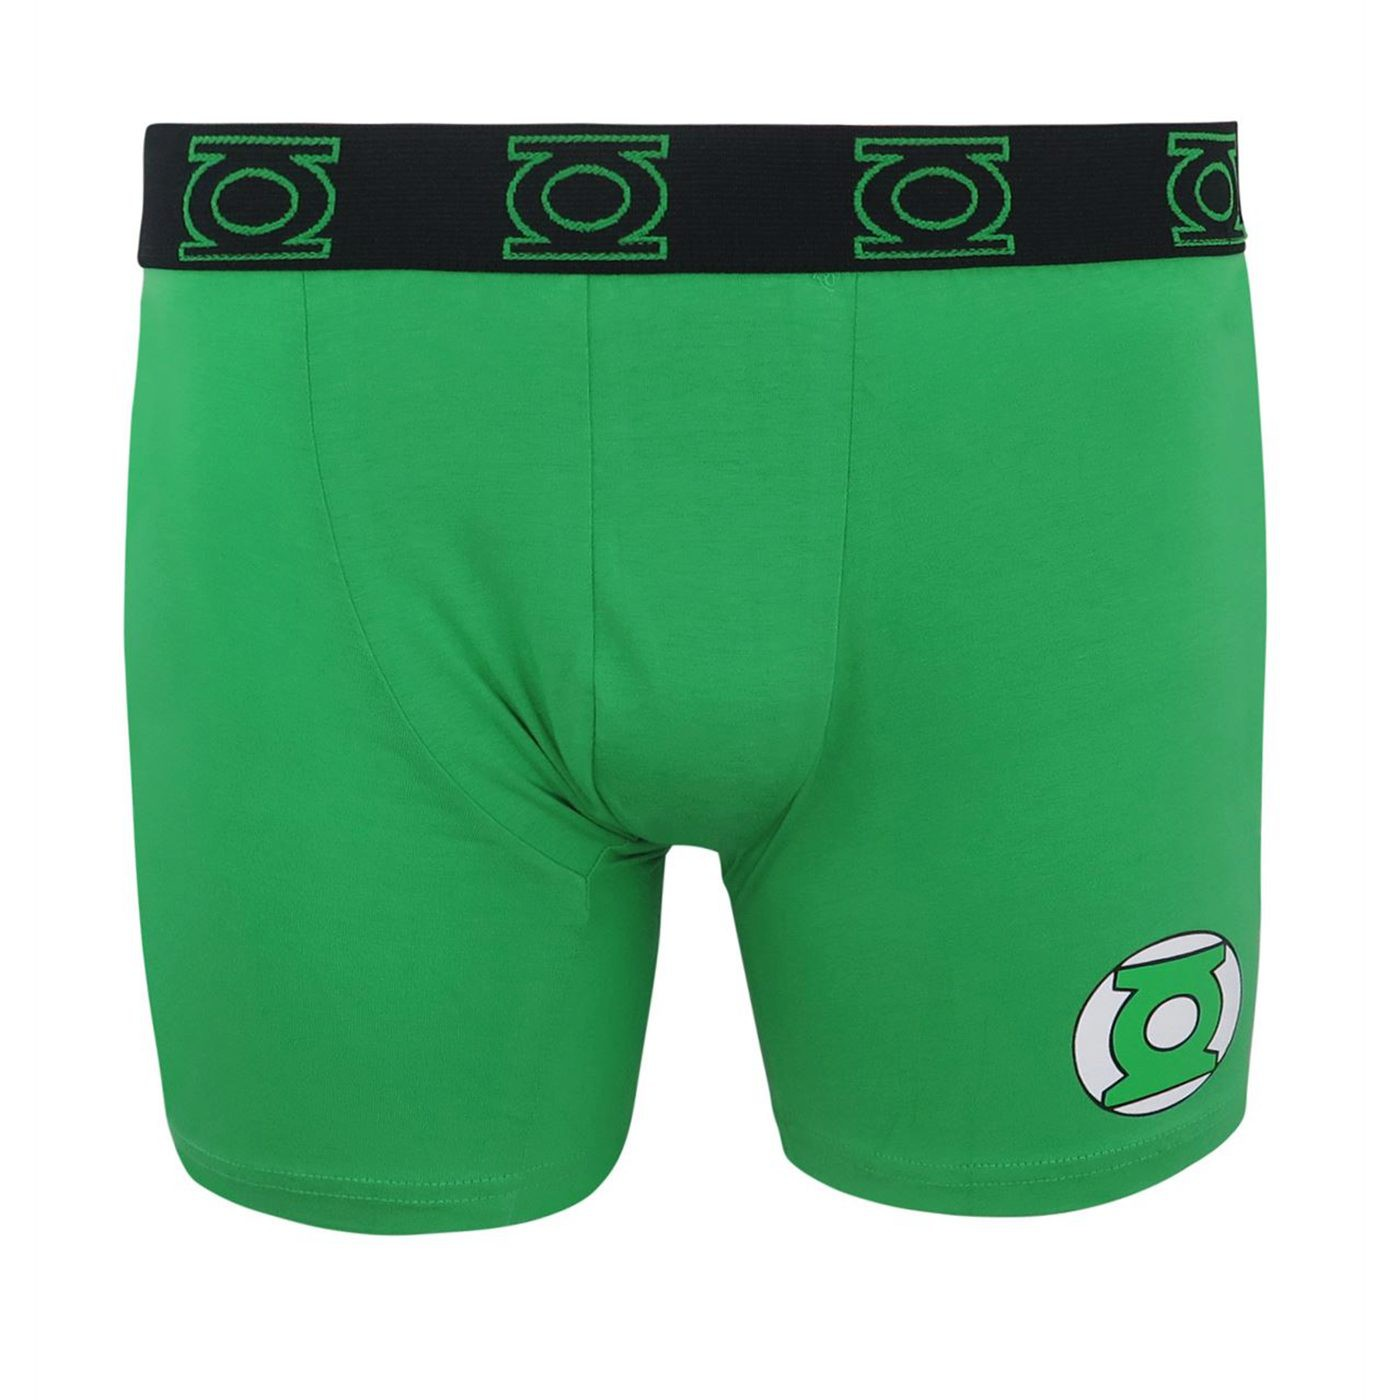 Green Lantern Men's Underwear Fashion Boxer Briefs